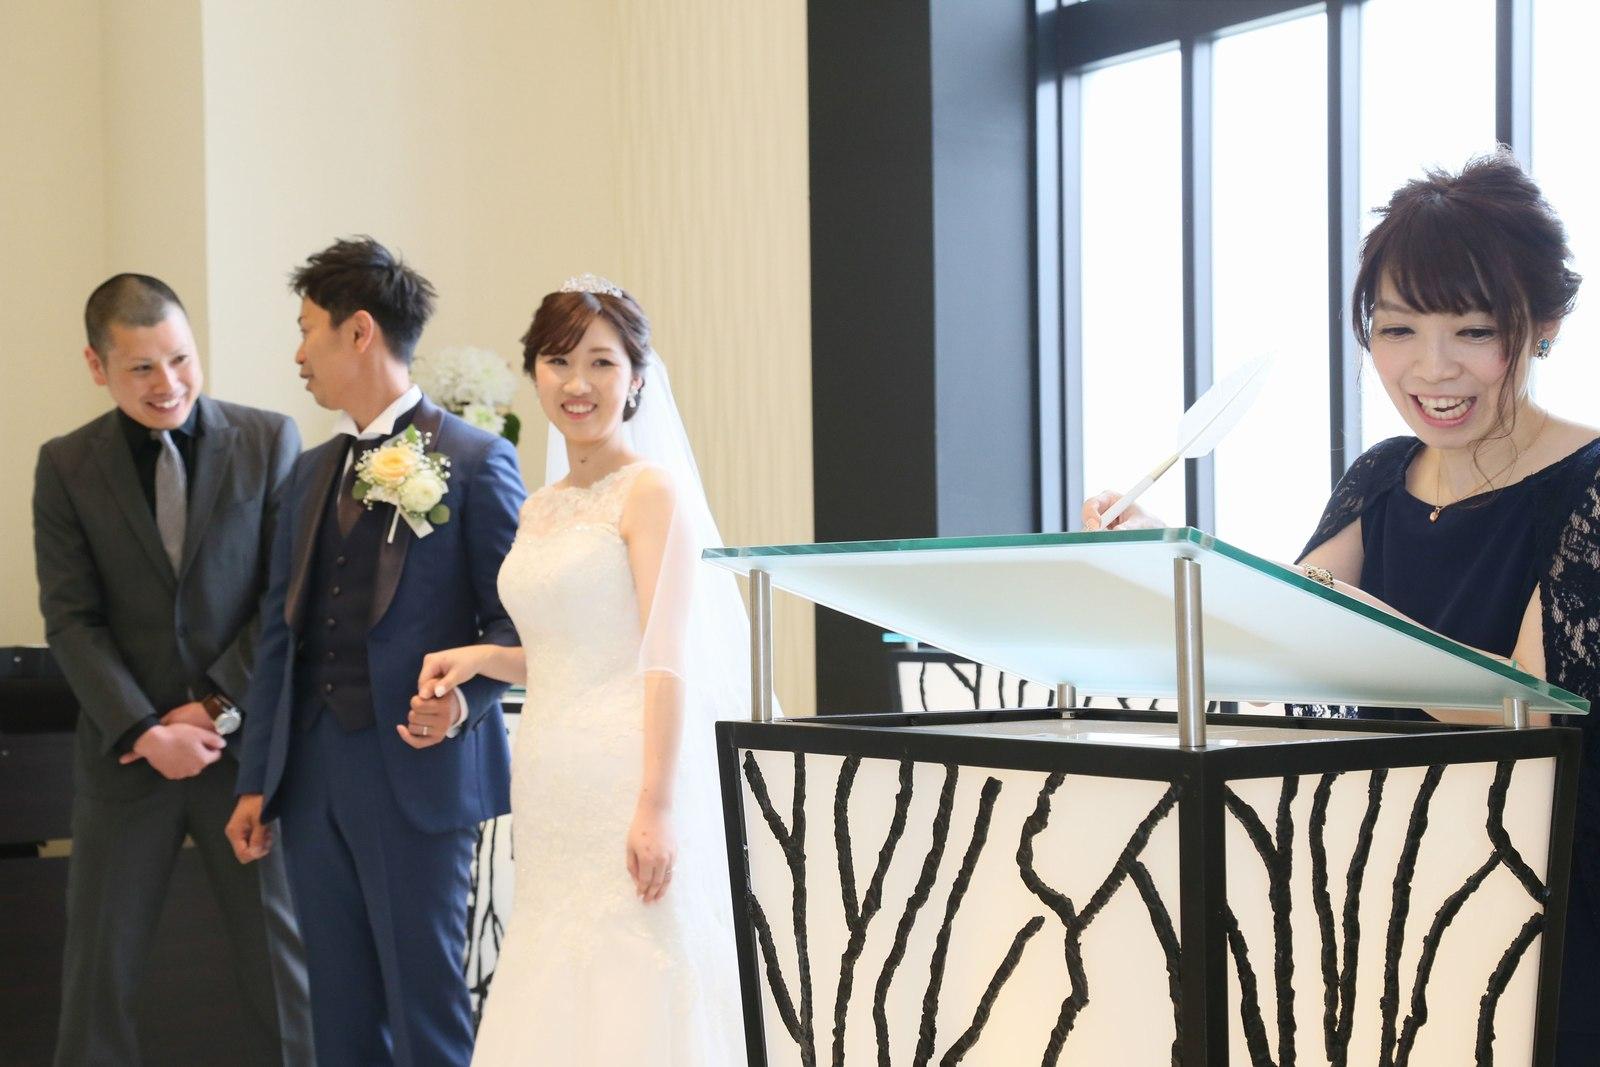 高松市の結婚式場アイルバレクラブの結婚式 立会人としてご友人様に結婚証明書にサインを頂きます